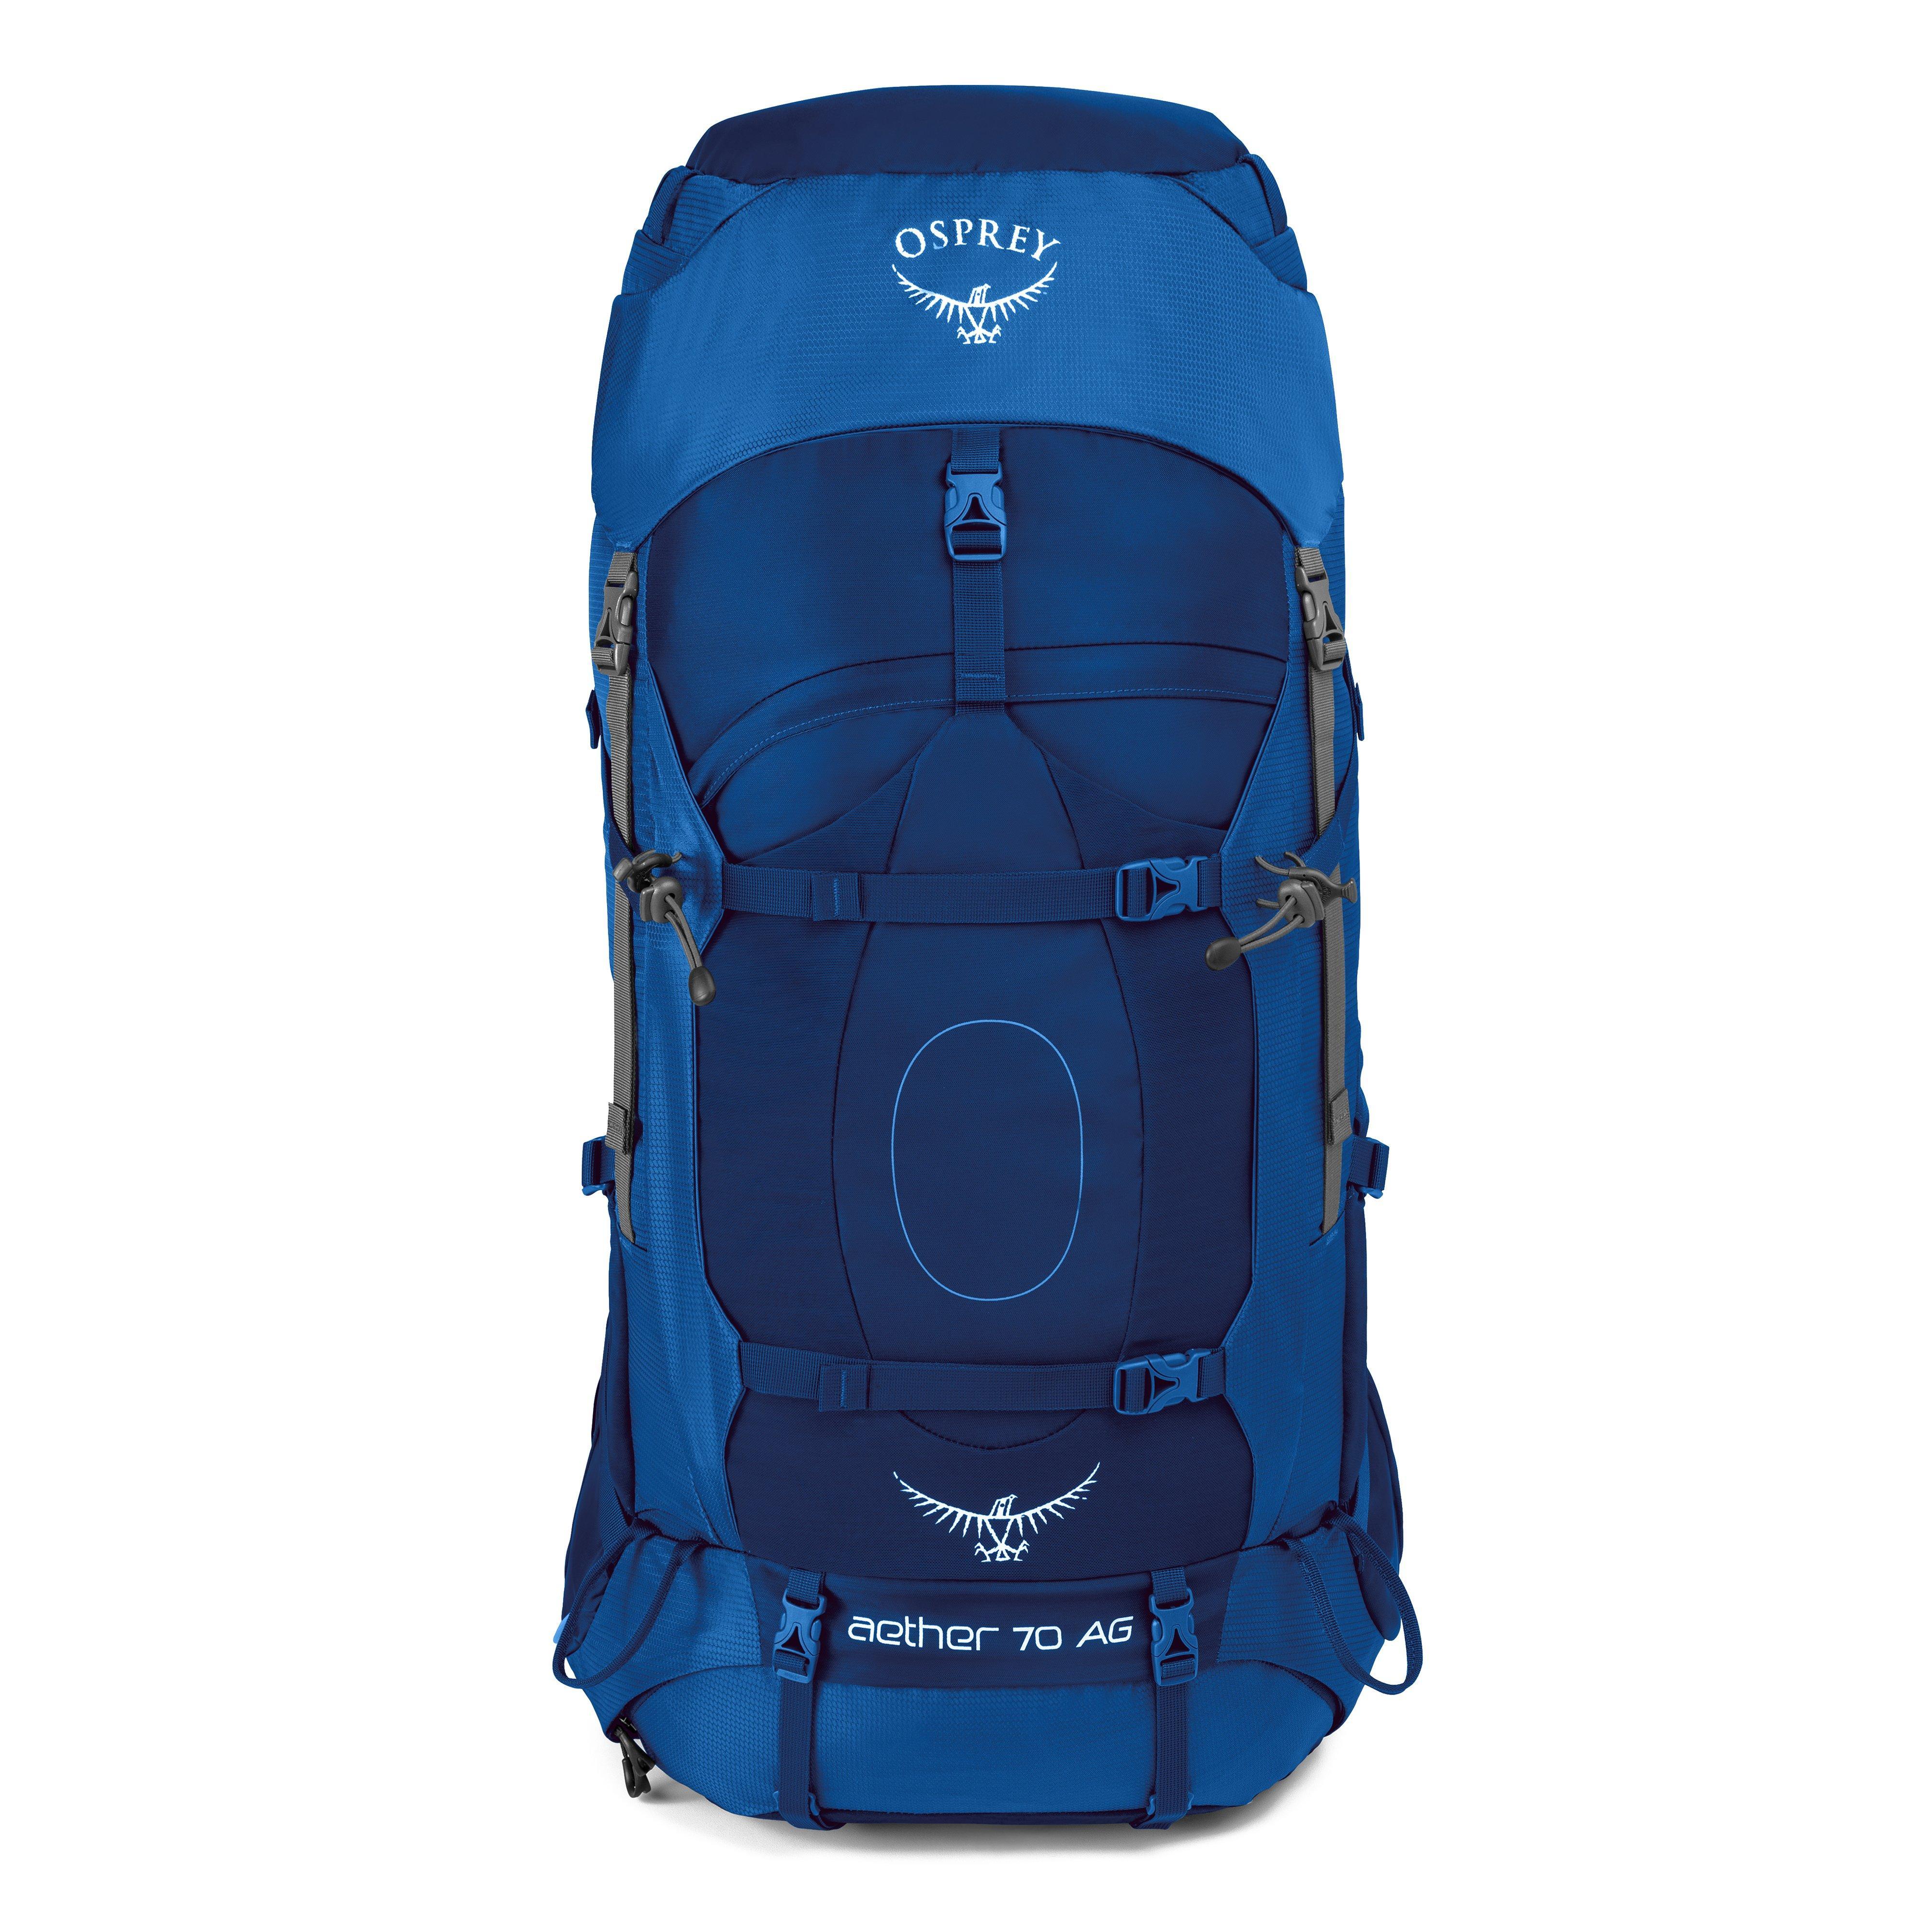 598a7bee81 Osprey Aether 70L AG Medium Rucksack Blue 845136046450